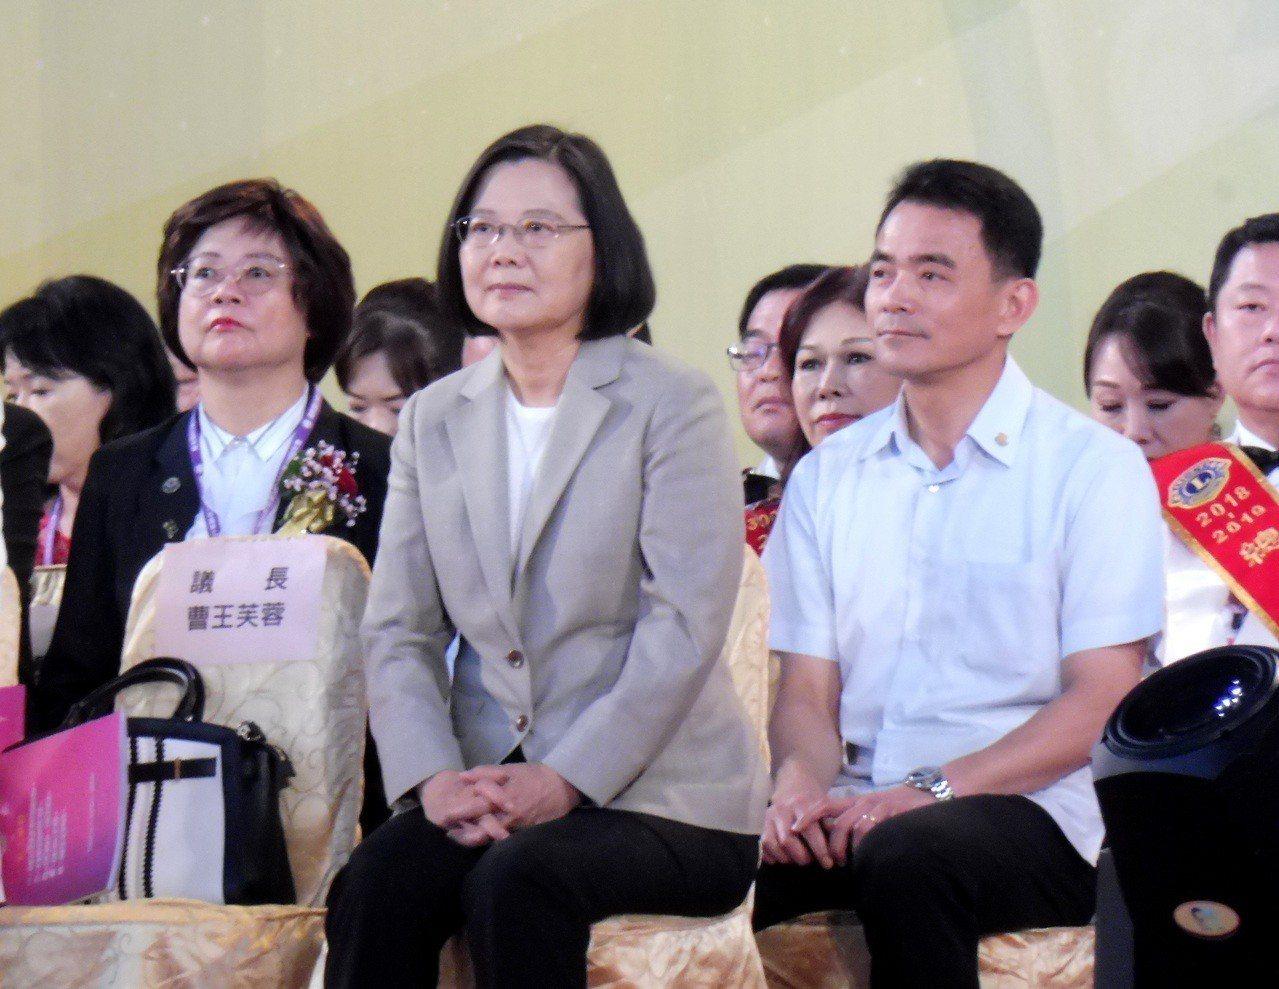 蔡英文出席「國際獅子會台灣總會第59屆年會暨會員大會開幕典禮」。記者賴于榛/攝影